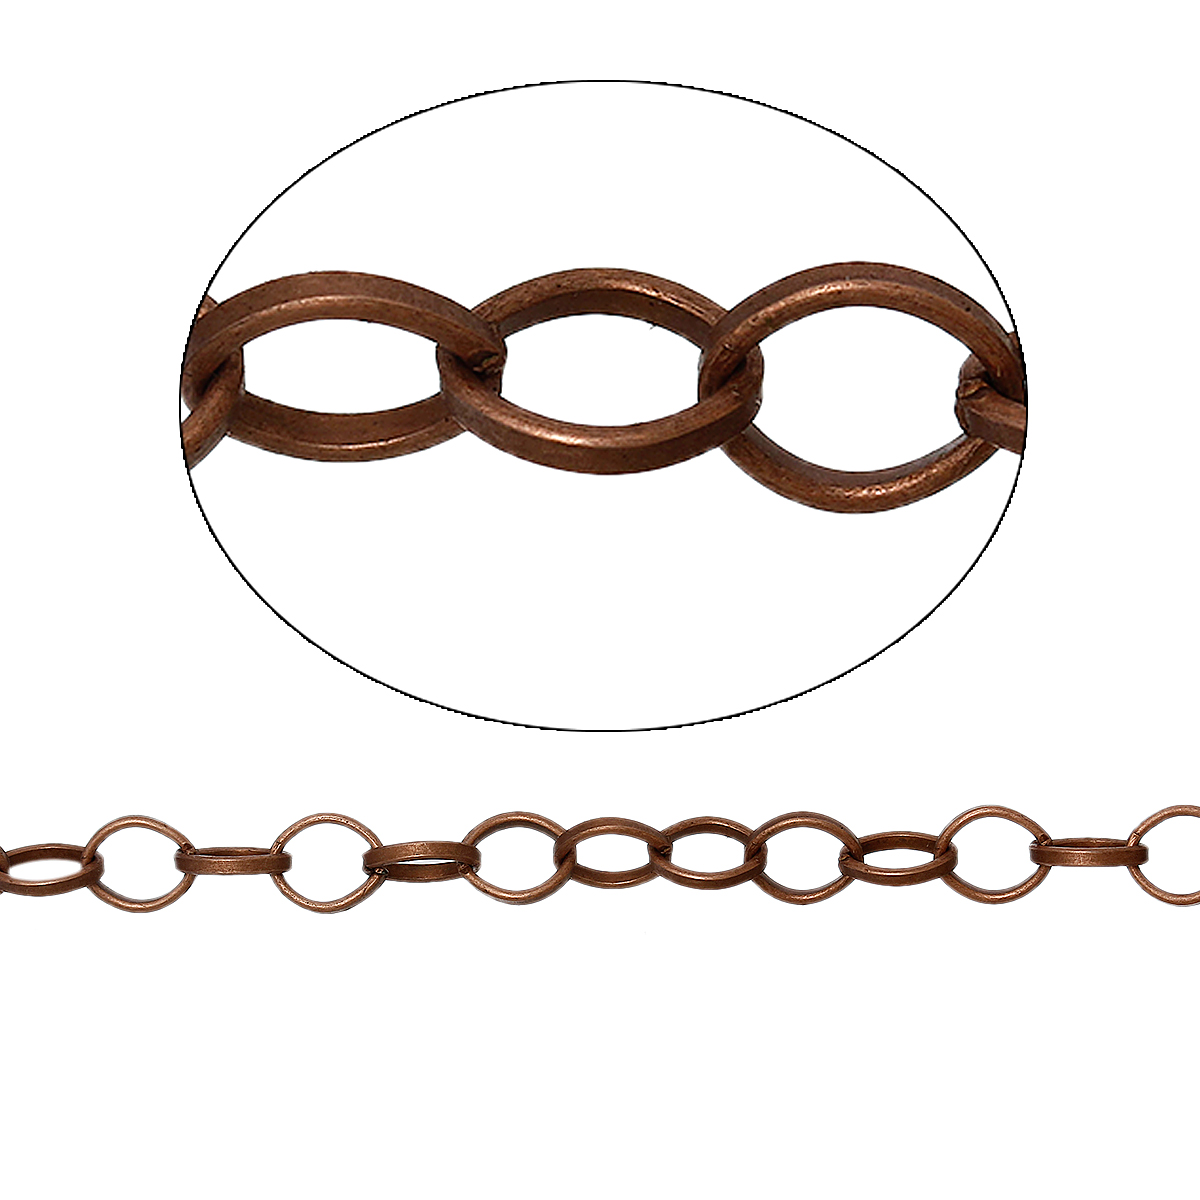 Un mettre de Chaîne à maille fantaisie en métal couleur cuivre rouge antique